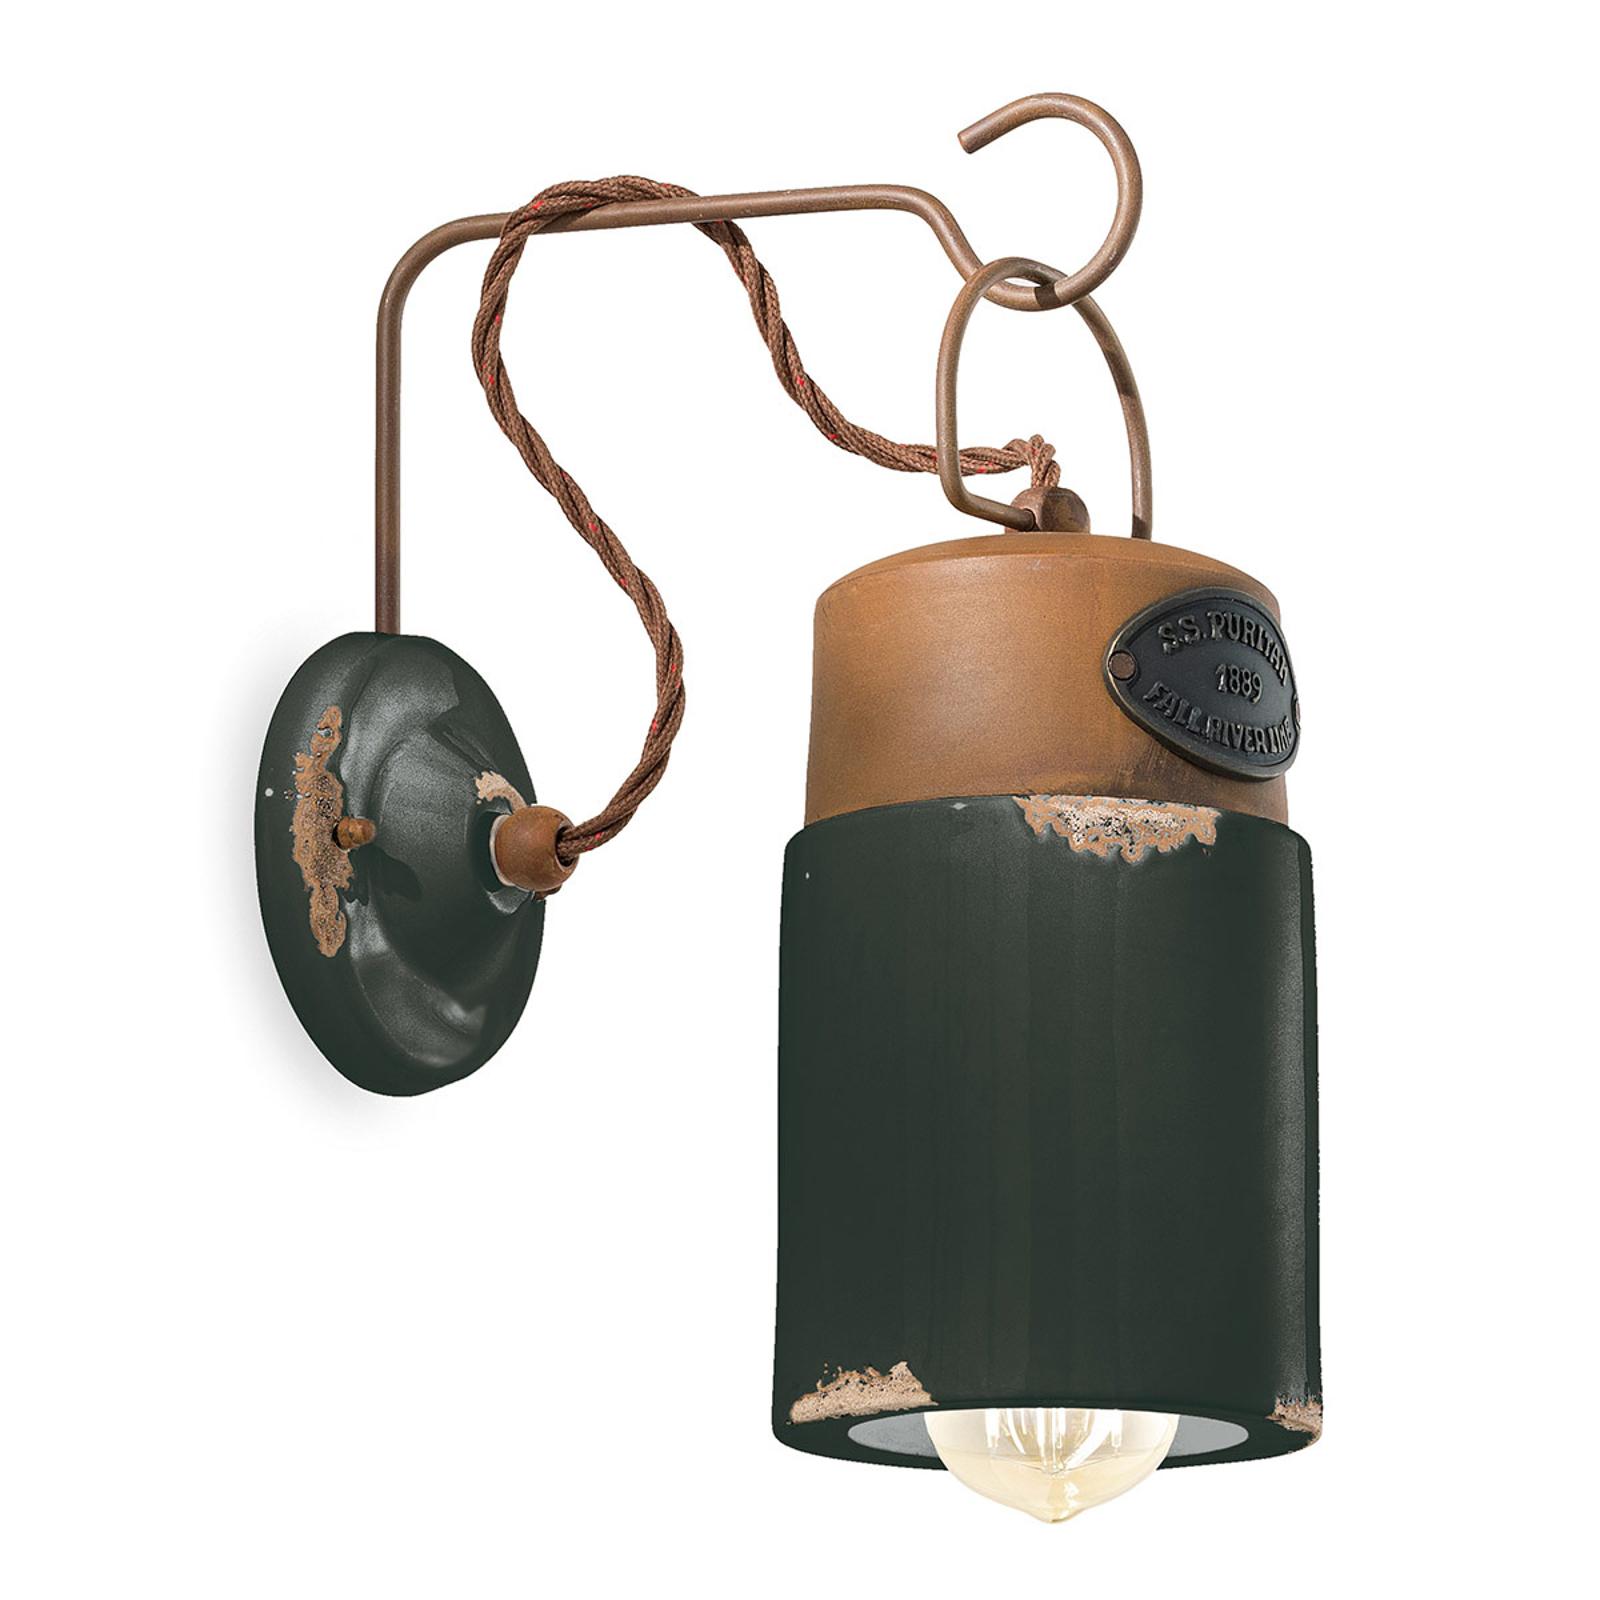 Wandlamp C1621, keramiek en metaal, zwart